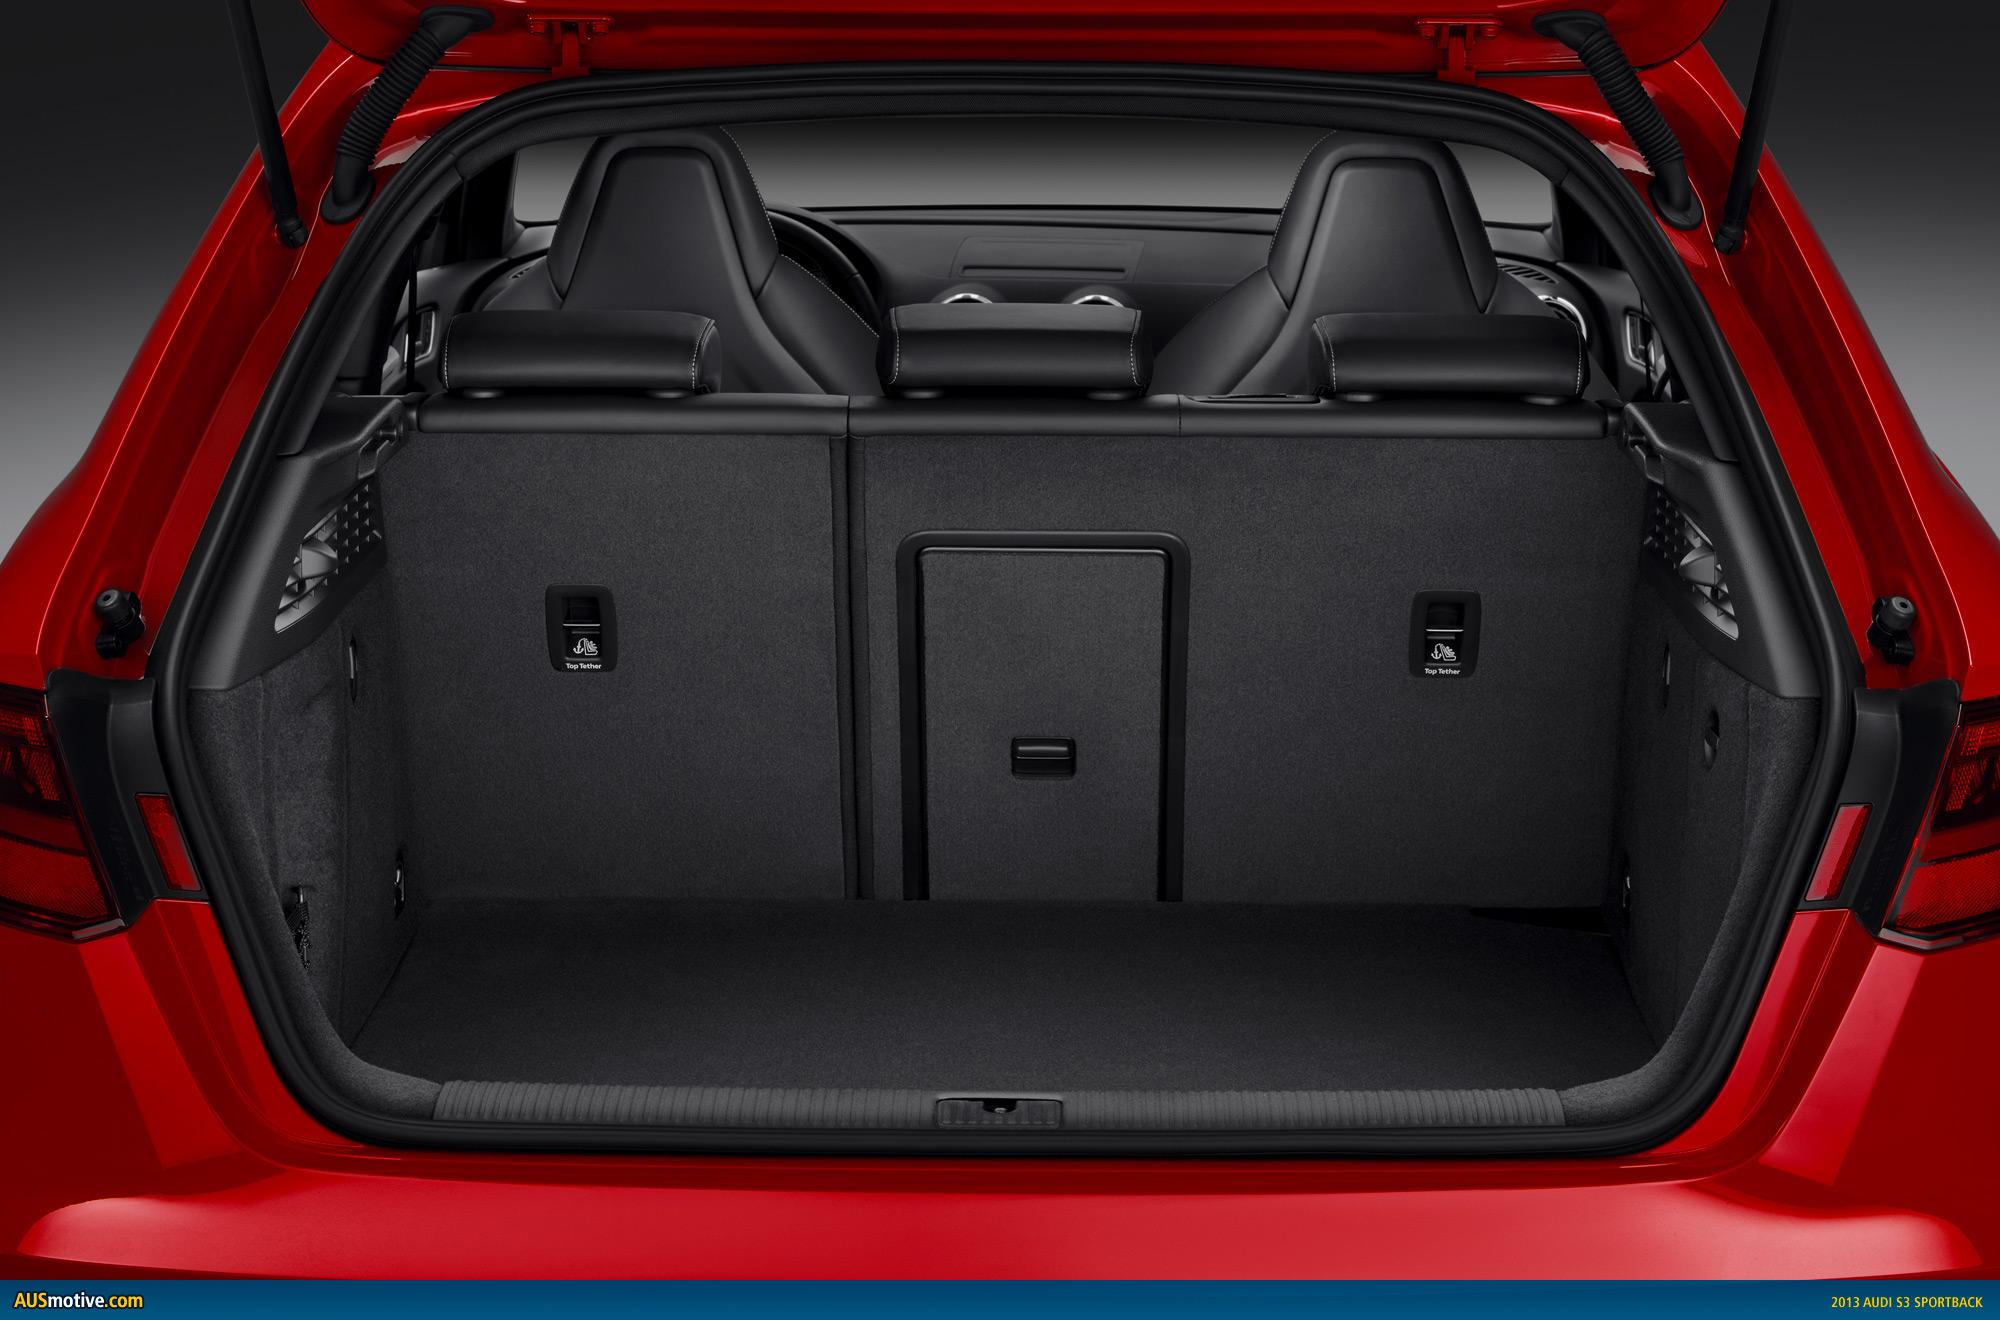 2013 audi s3 sportback revealed. Black Bedroom Furniture Sets. Home Design Ideas